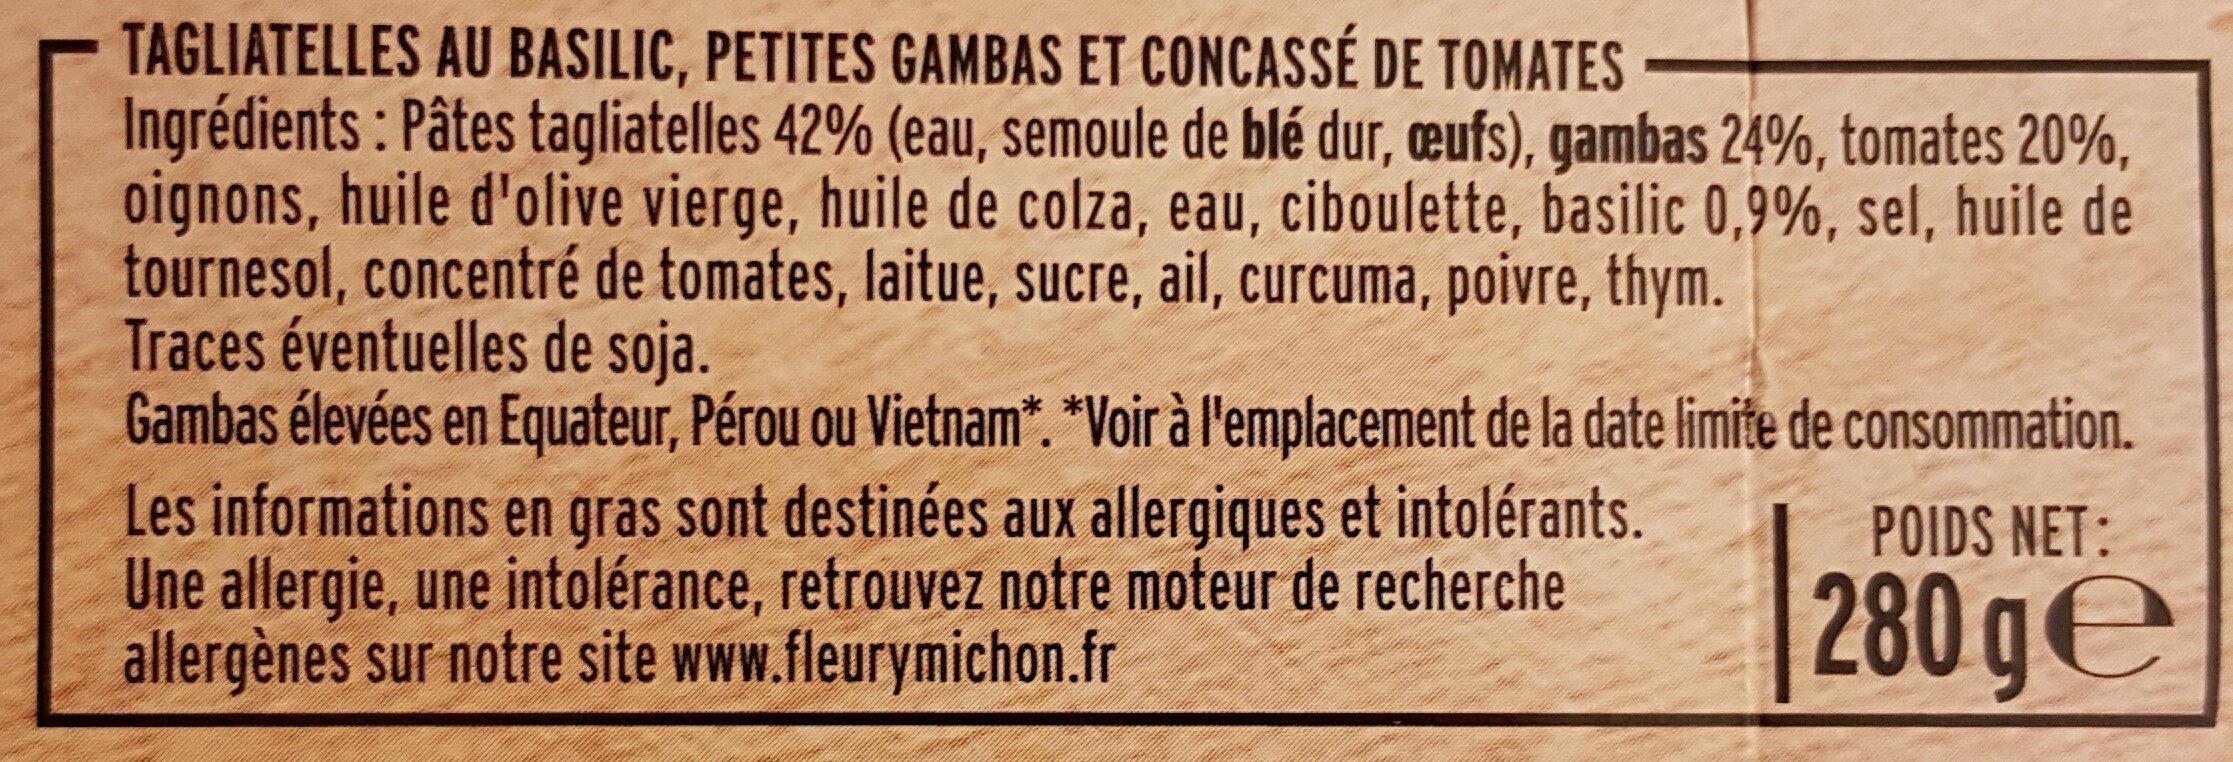 Petites Gambas & tagliatelles au basilic - Ingrediënten - fr